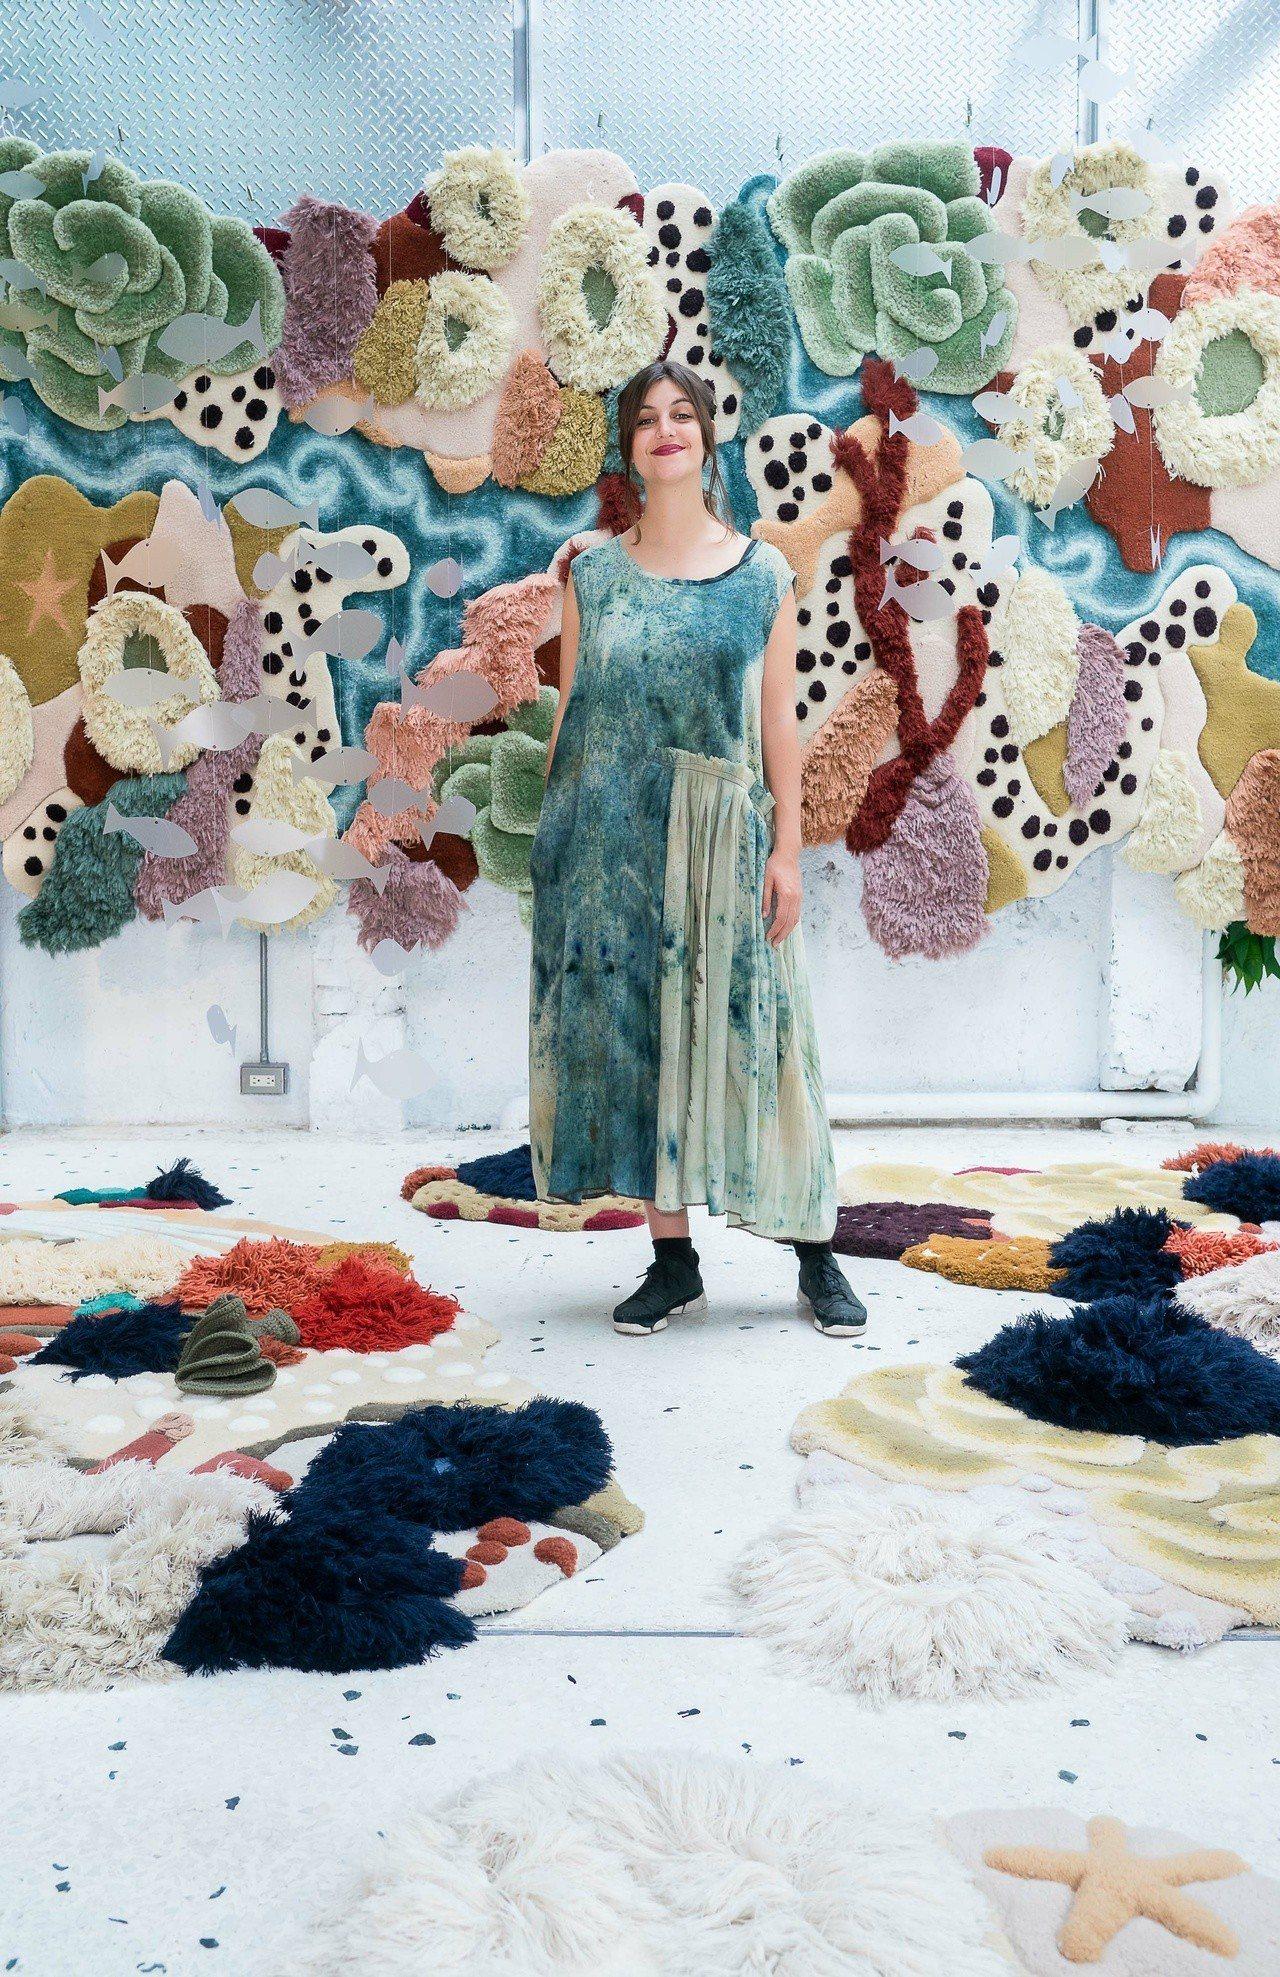 葡萄牙編織藝術家Vanessa Barragão運用再生原料、環保素材製成編織品...